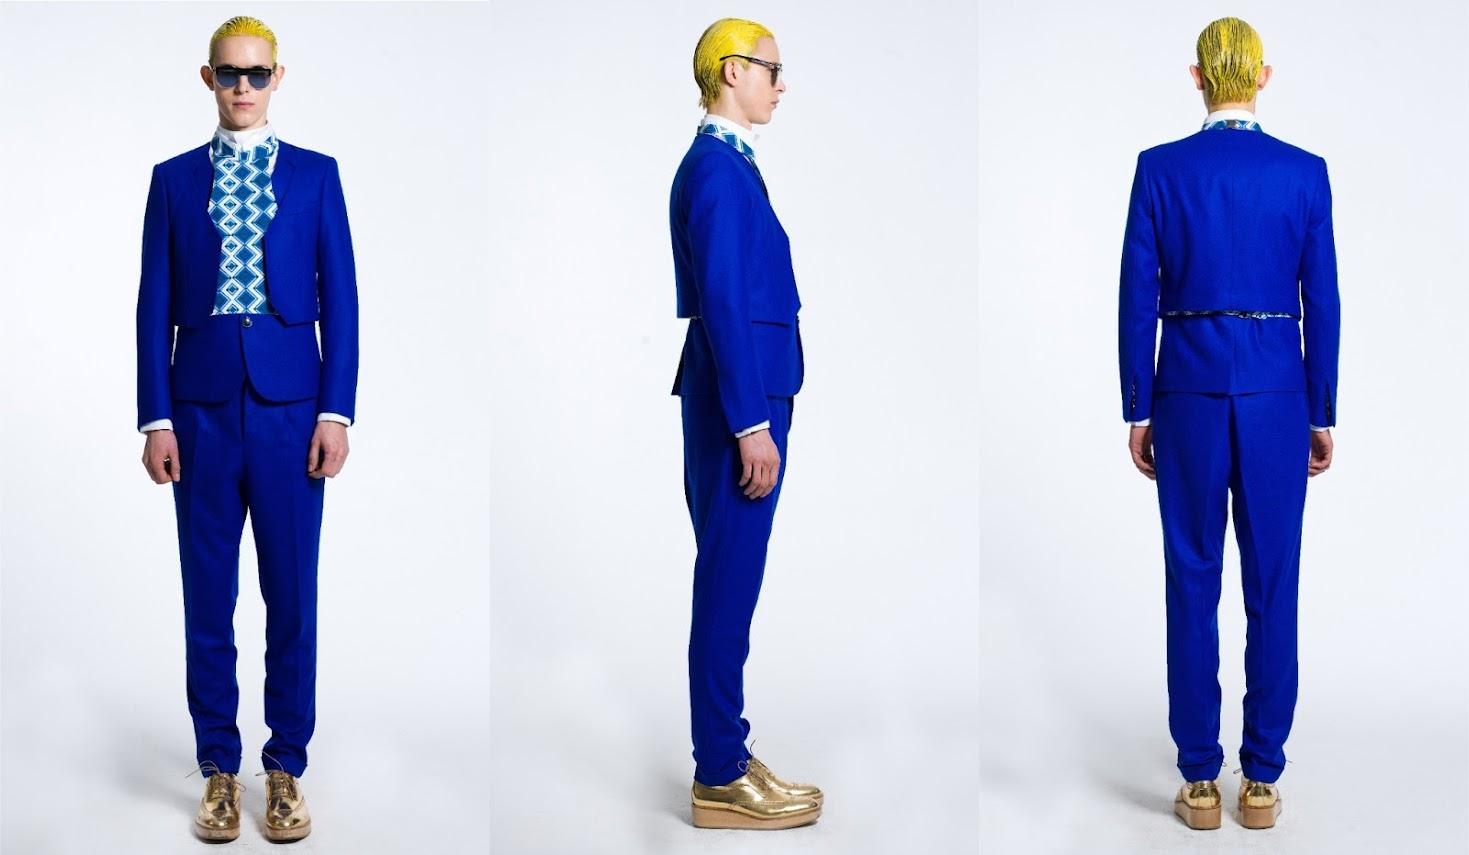 *華人設計新指標Six Lee的2013AW:將貴族古典剪裁活用於未來時裝! 6